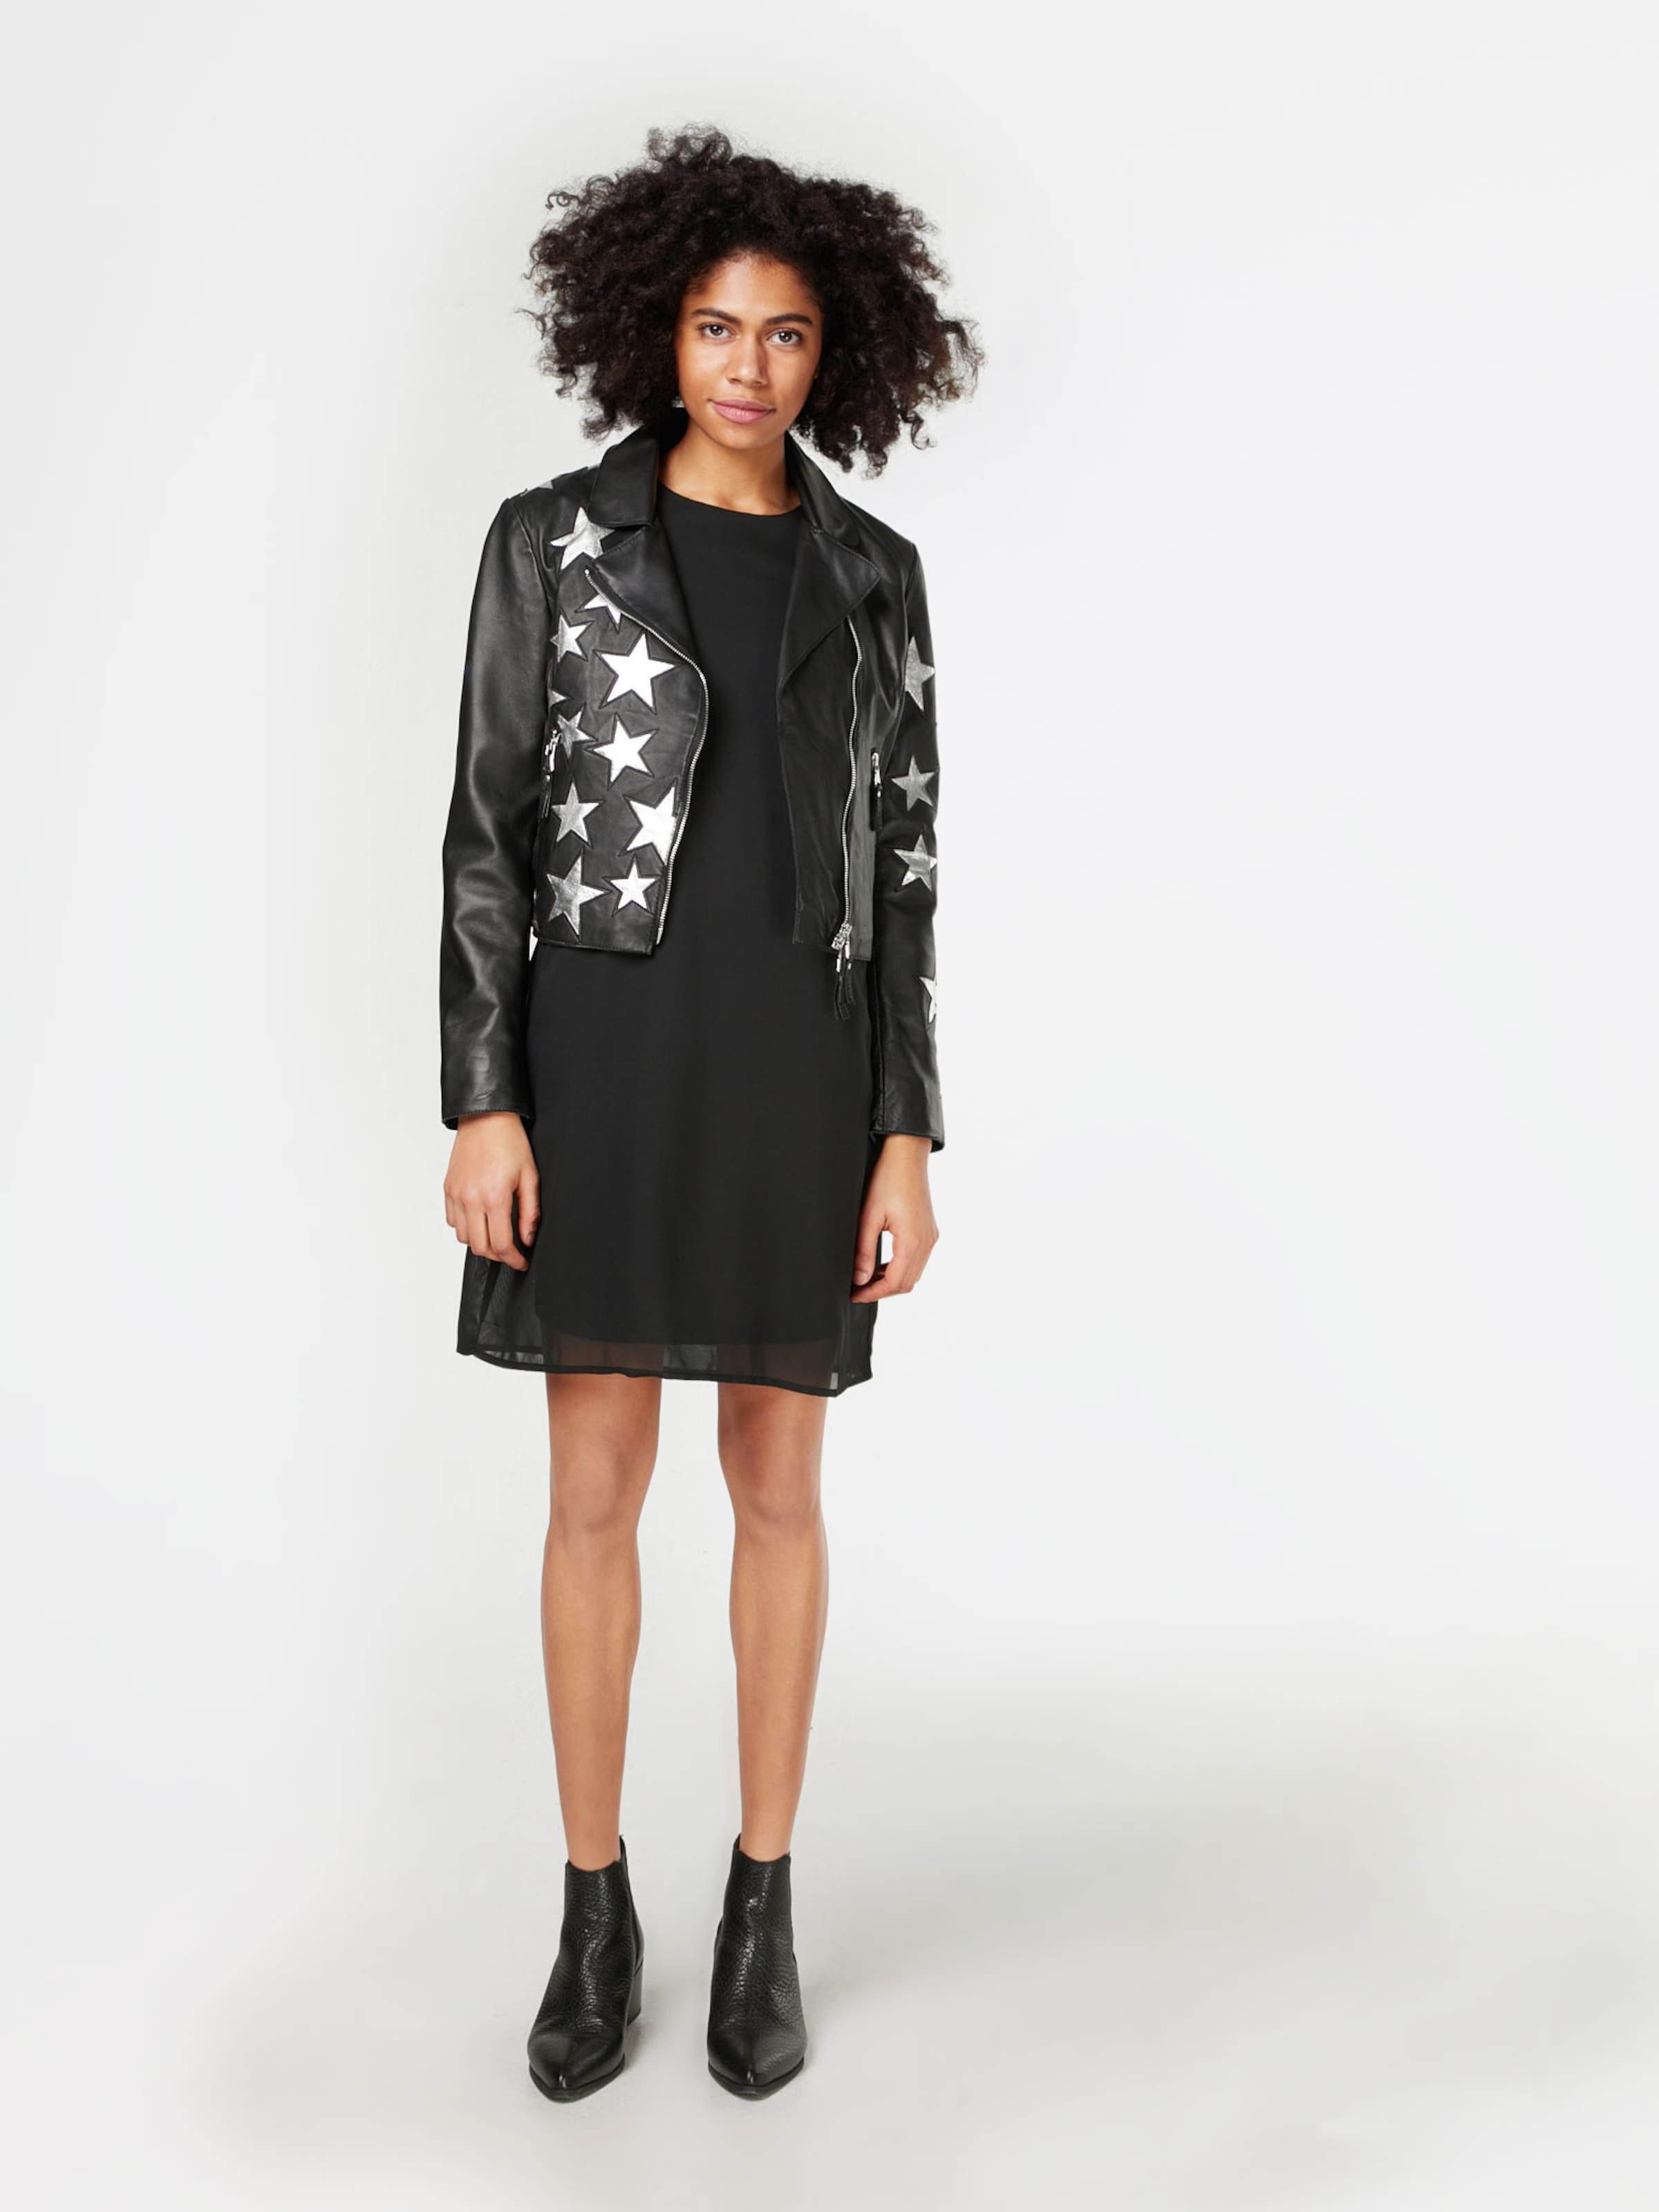 Billig Verkauf Suchen Laden Verkauf VERO MODA Kleid 'ROSE' Verkauf Online-Shop Mit Paypal Günstig Online Günstiger Preis Gibt Verschiffen Frei kzYGCi